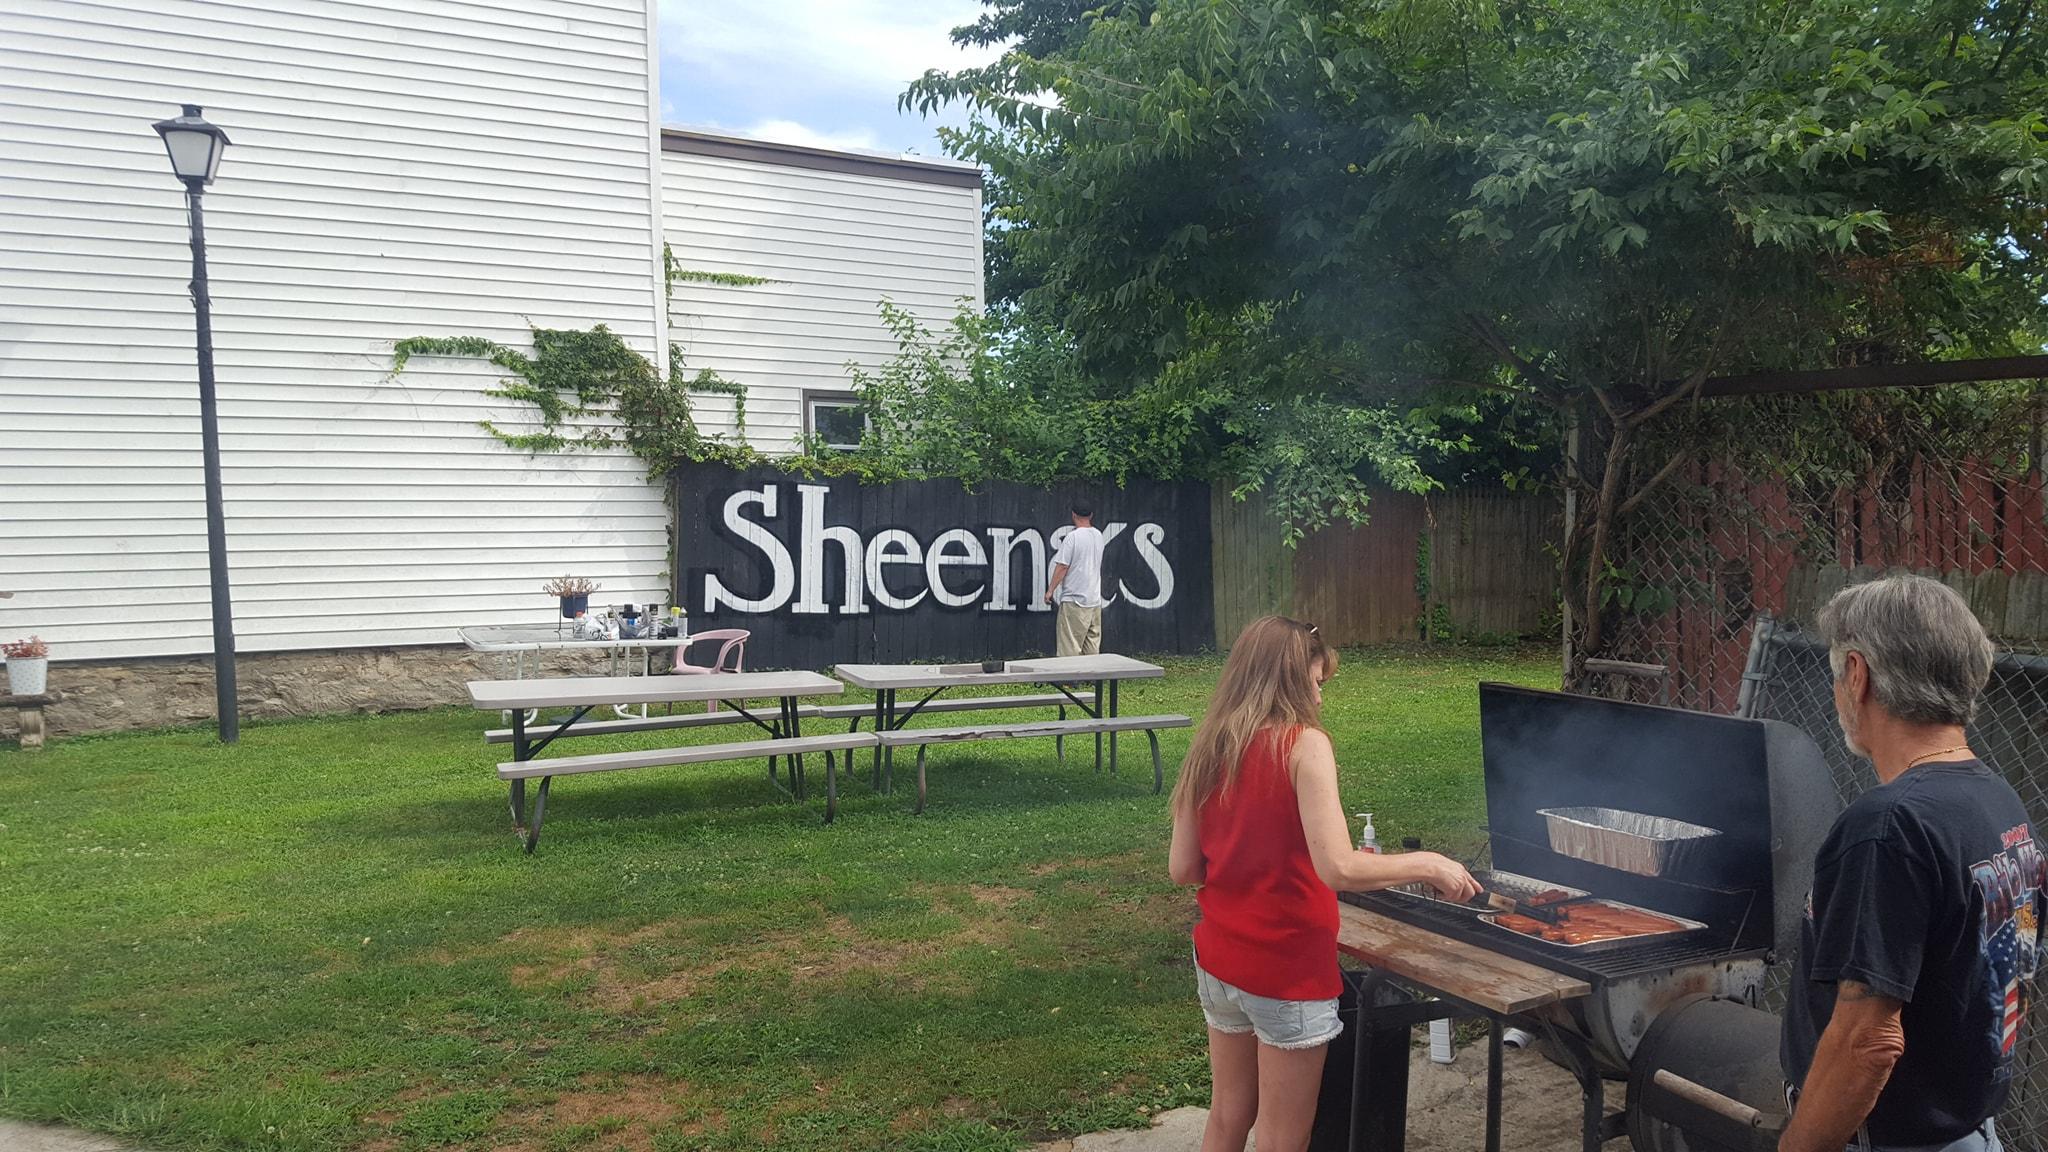 Sheena's Cafe Llc 802 Isabella St, Newport